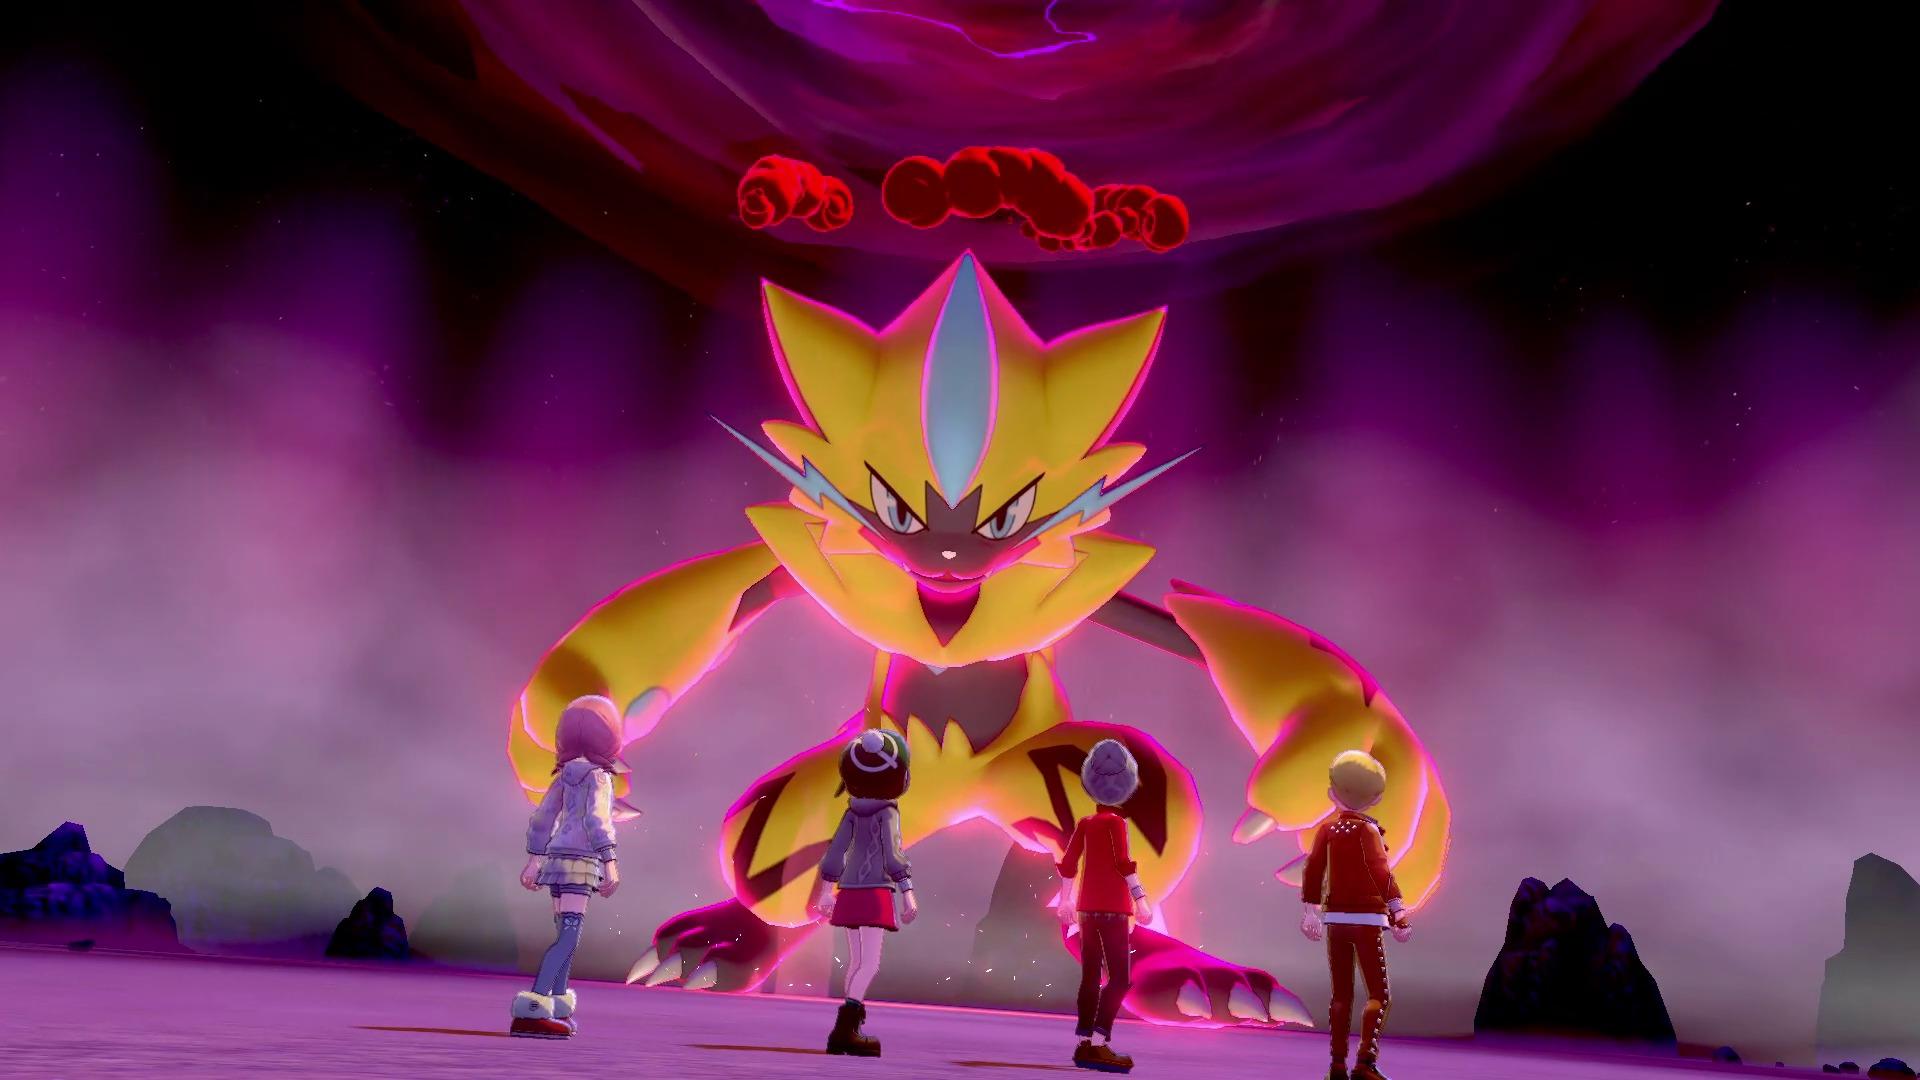 通常ゼラオラ ※画面は開発中のものです。 (C)2020 Pokémon. (C)1995-2020 Nintendo/Creatures Inc. /GAME FREAK inc.